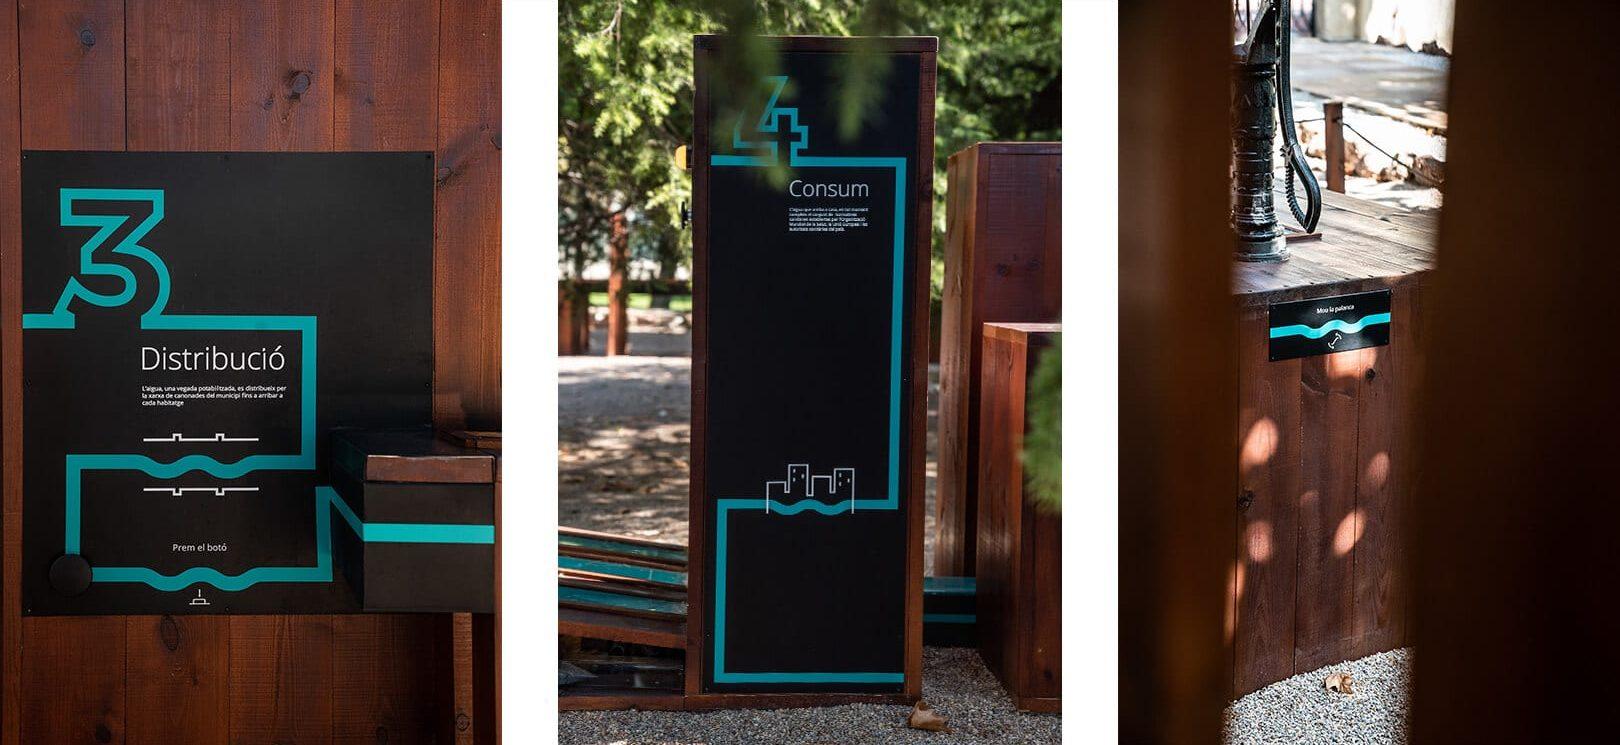 Diseño gráfico para parque infantil en Tarragona